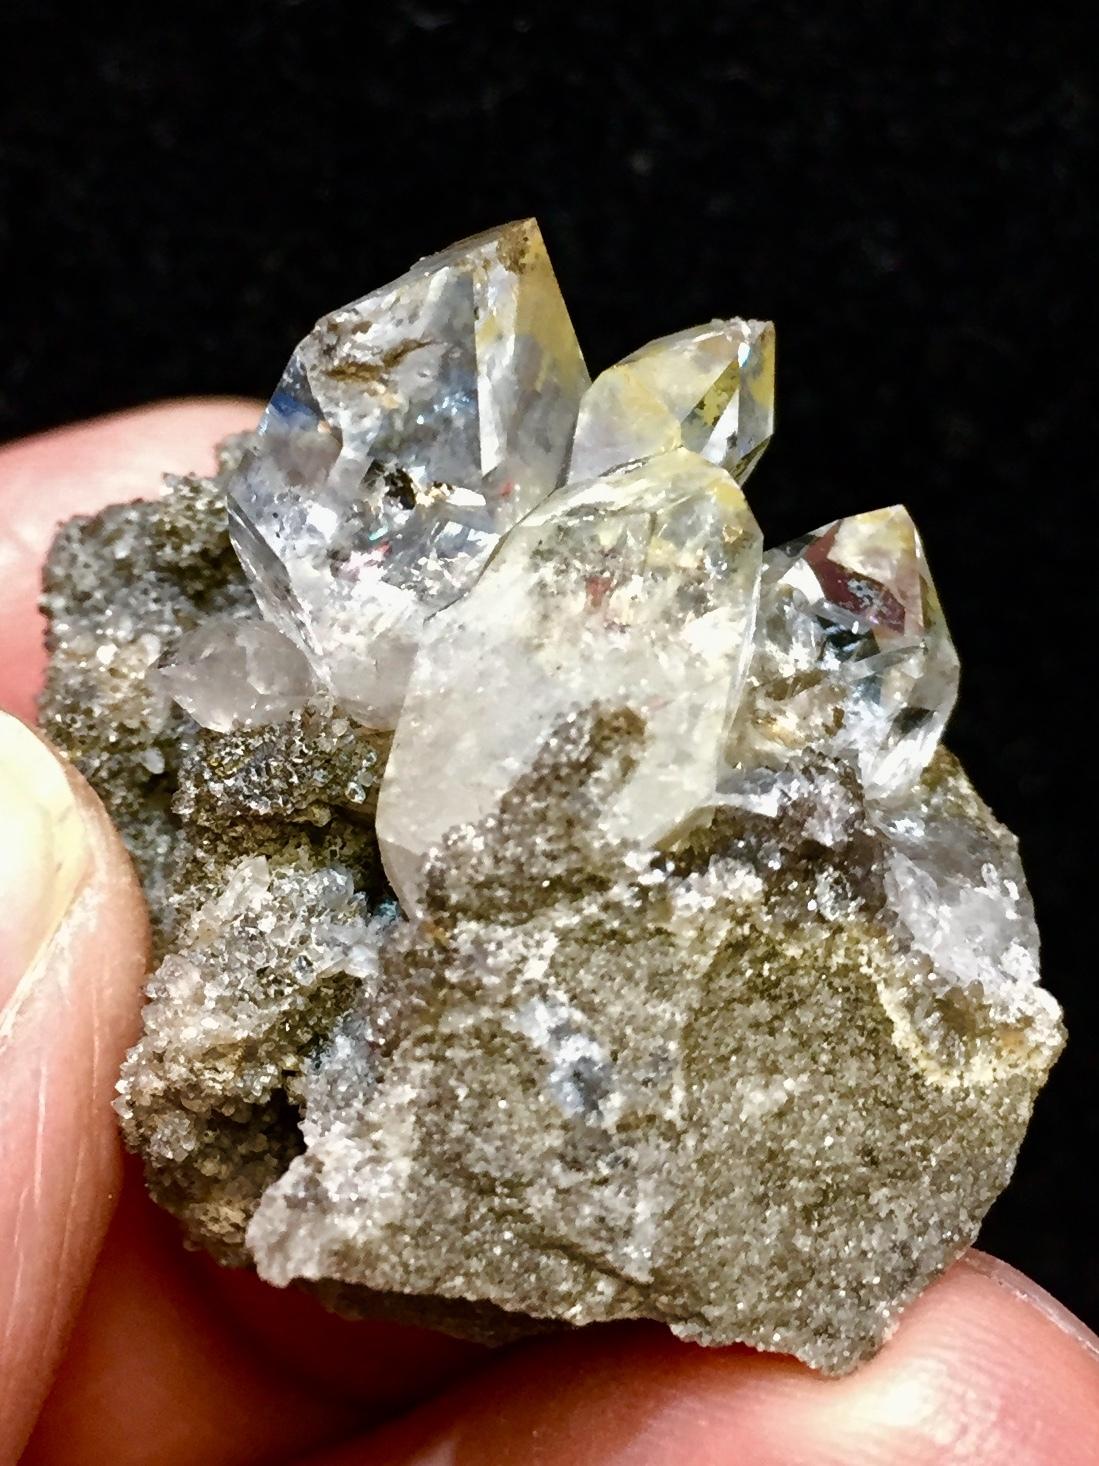 2) ニューヨーク・ハーキマー・ダイヤモンド母岩付き